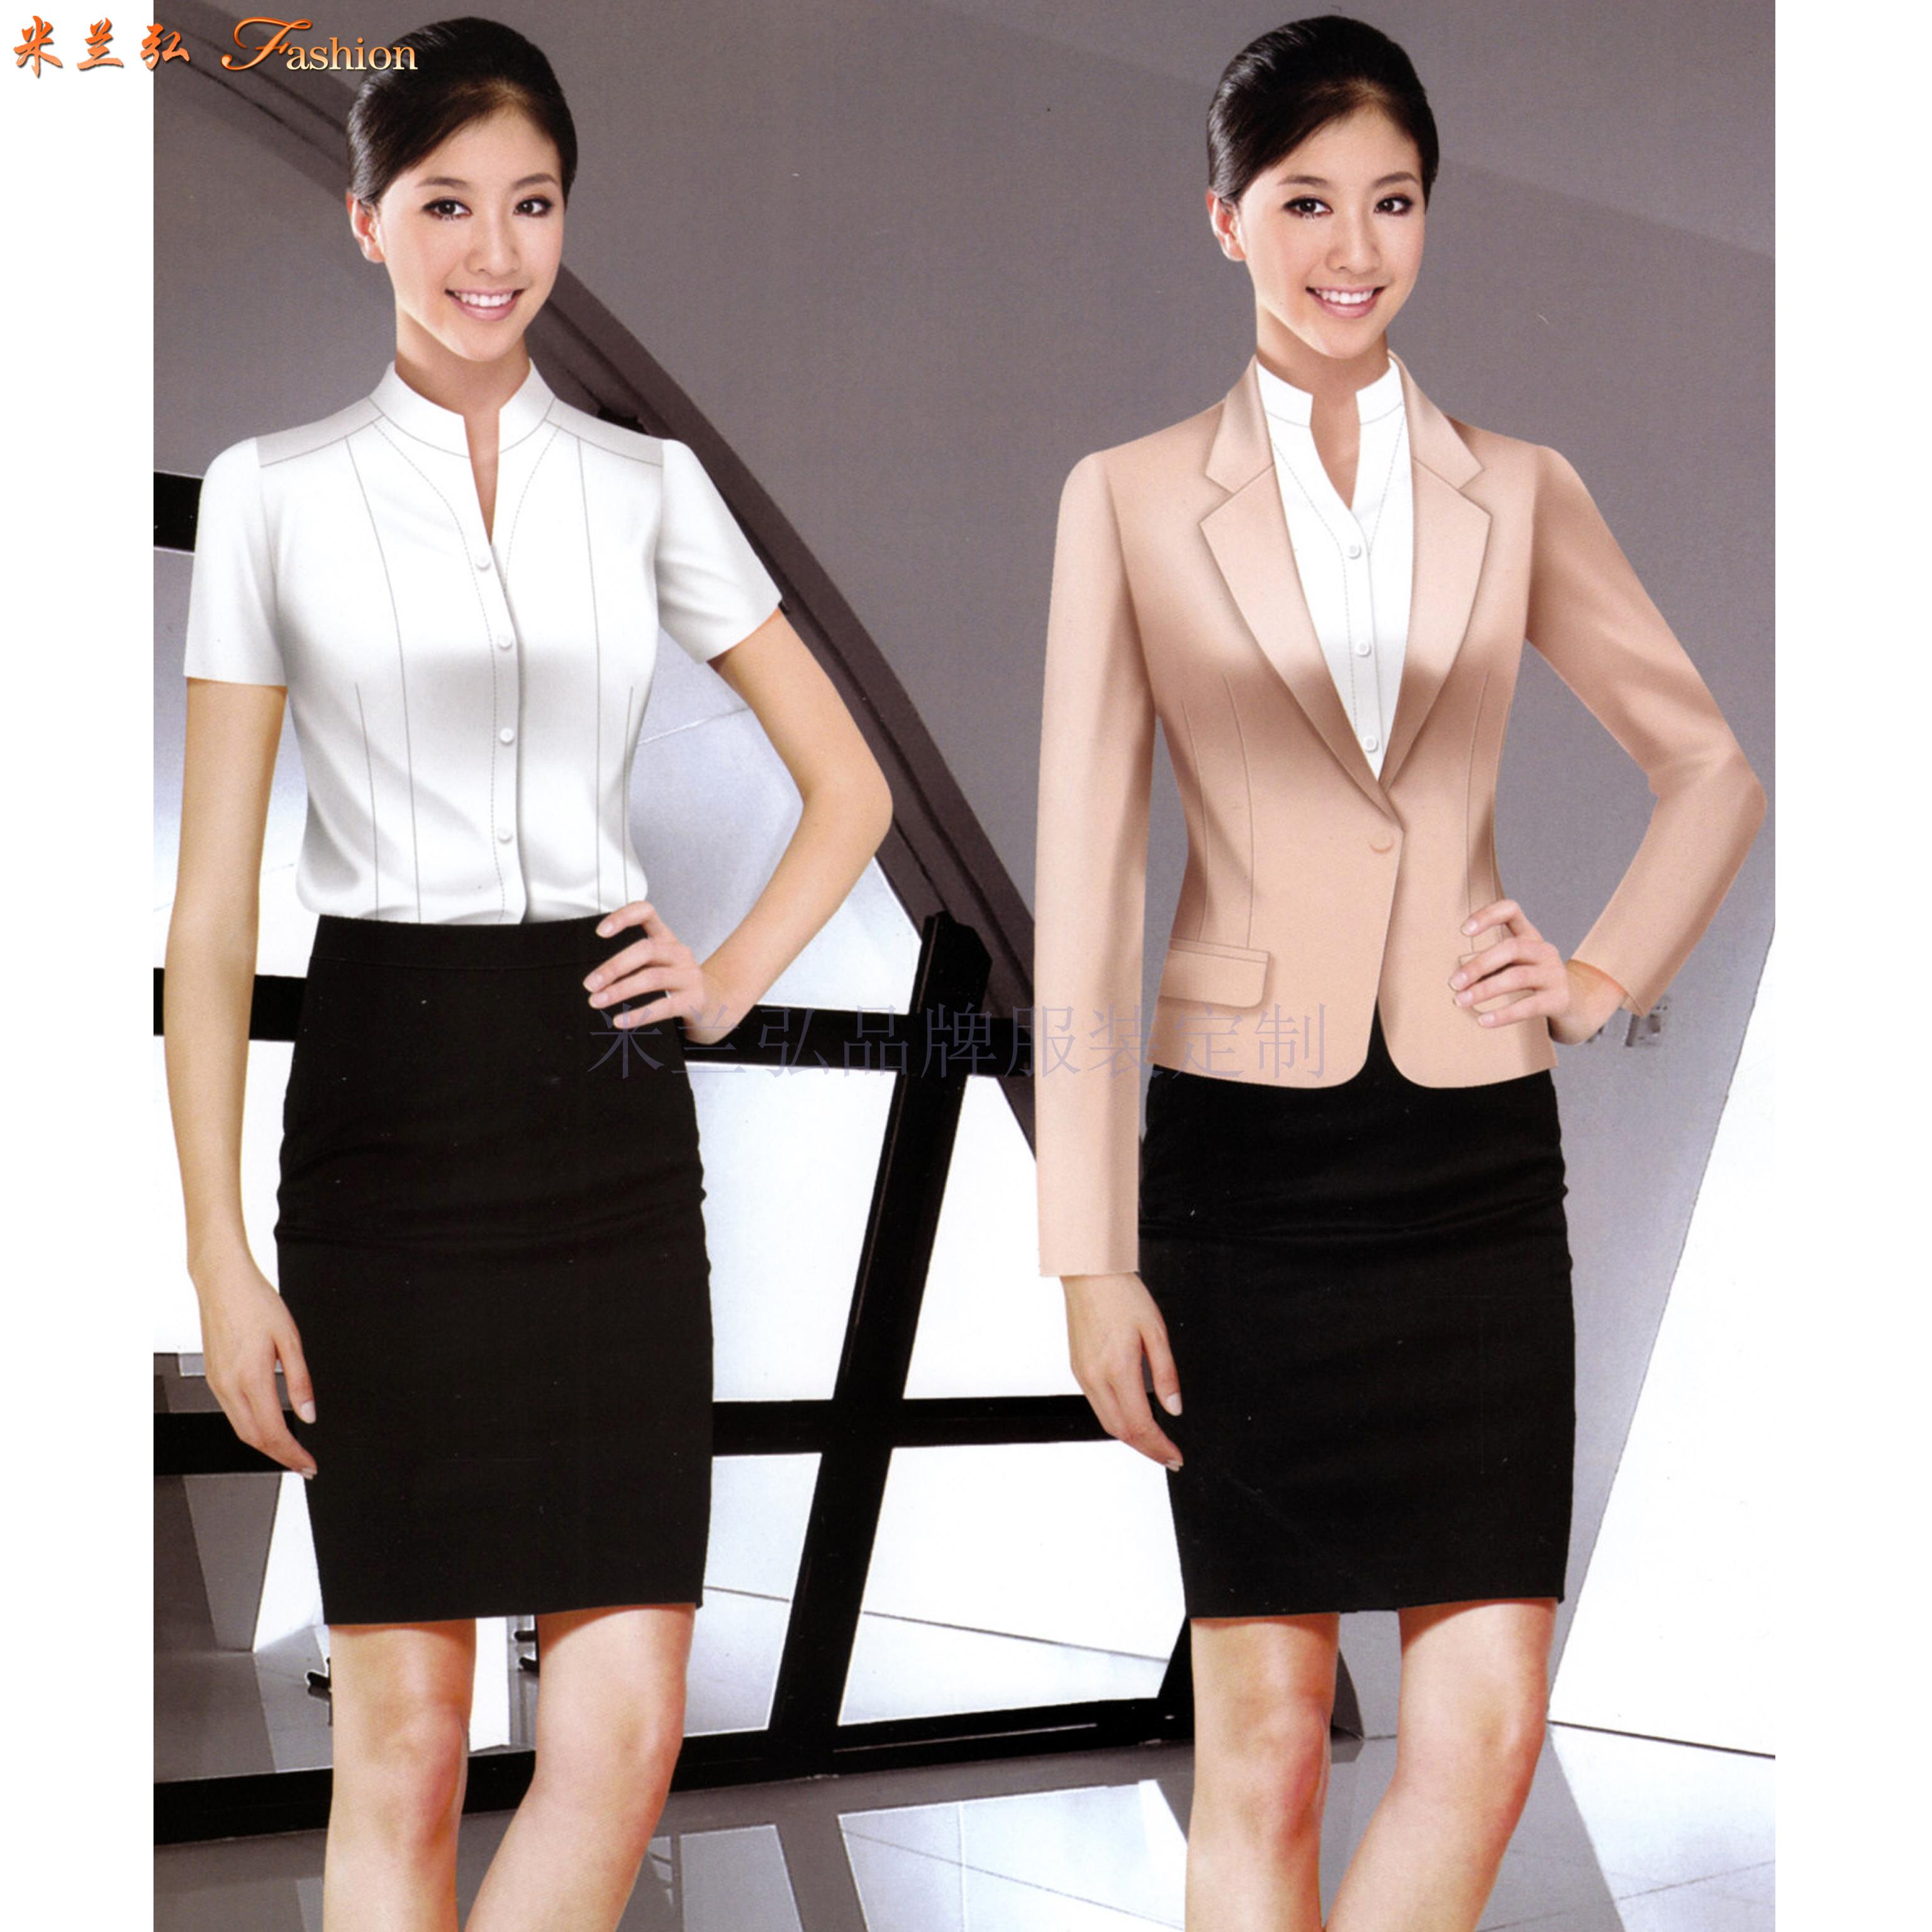 京津冀公司職業裝定制-選擇潮流時尚的正裝職業裝公司-米蘭弘-4